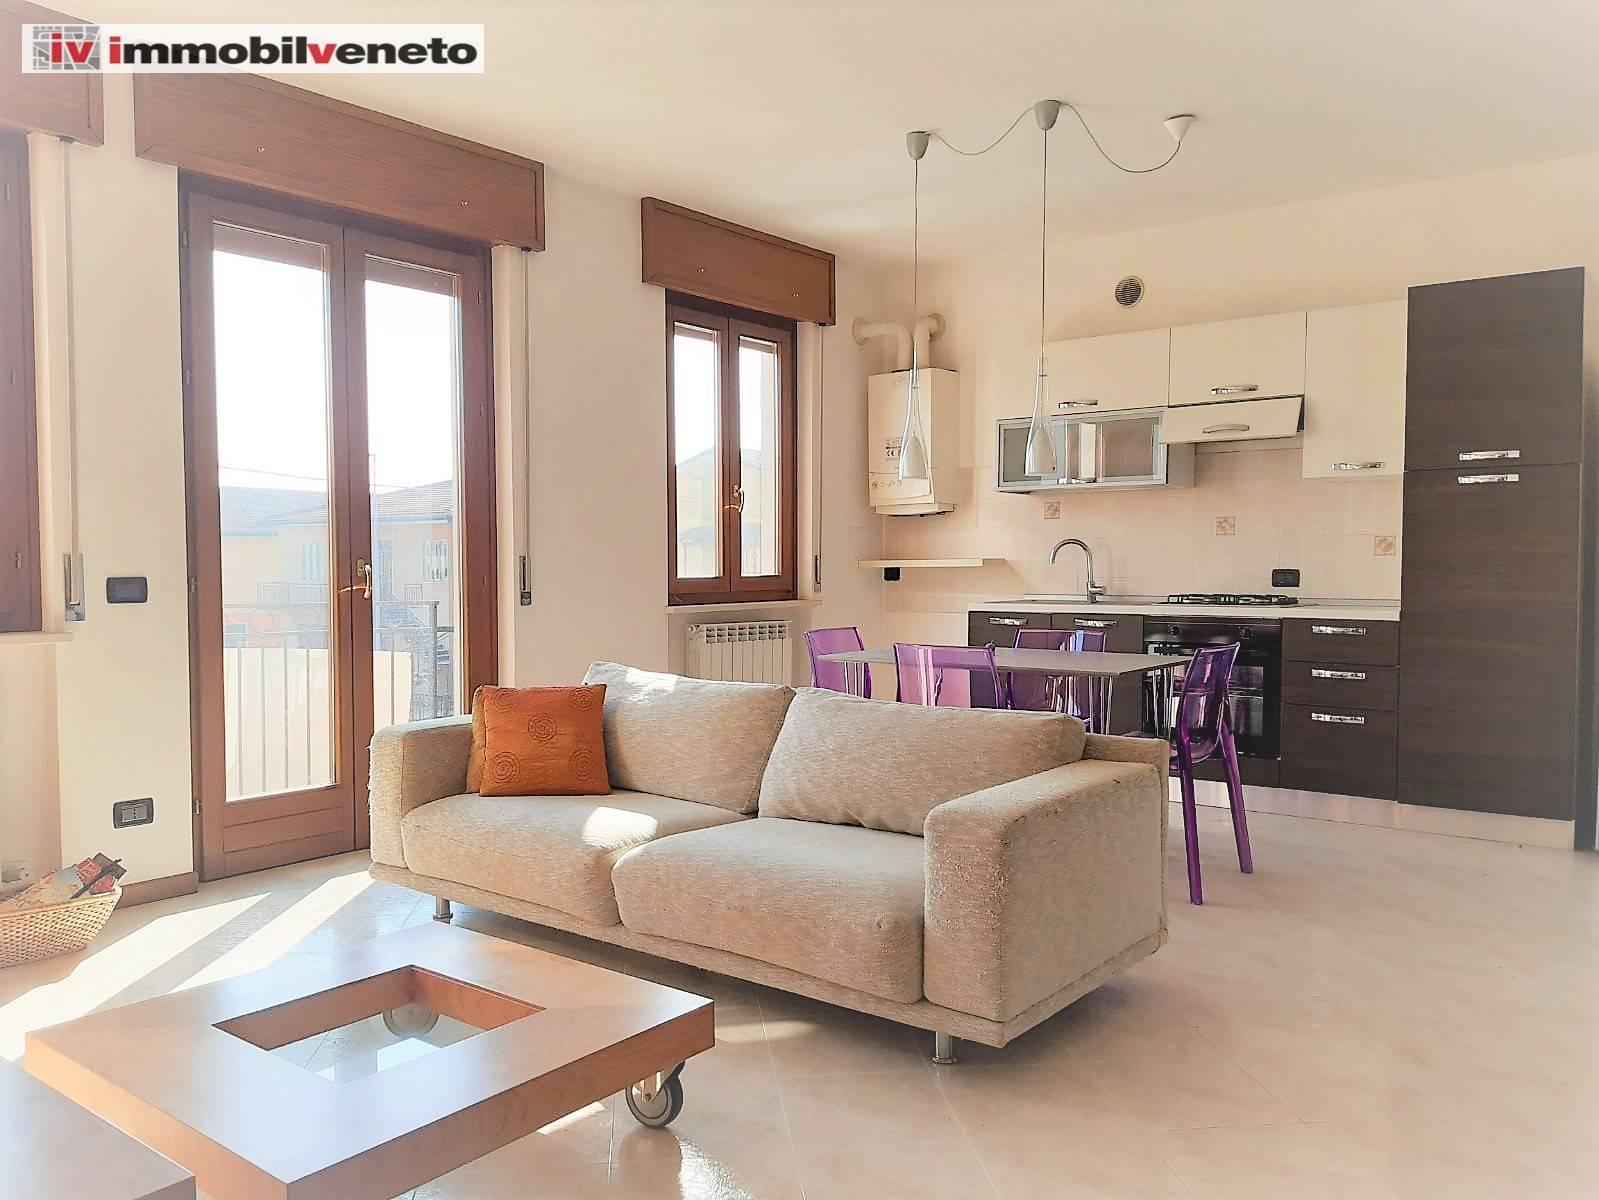 Appartamento in vendita a Lonigo, 5 locali, zona Zona: Madonna, prezzo € 133.000   CambioCasa.it